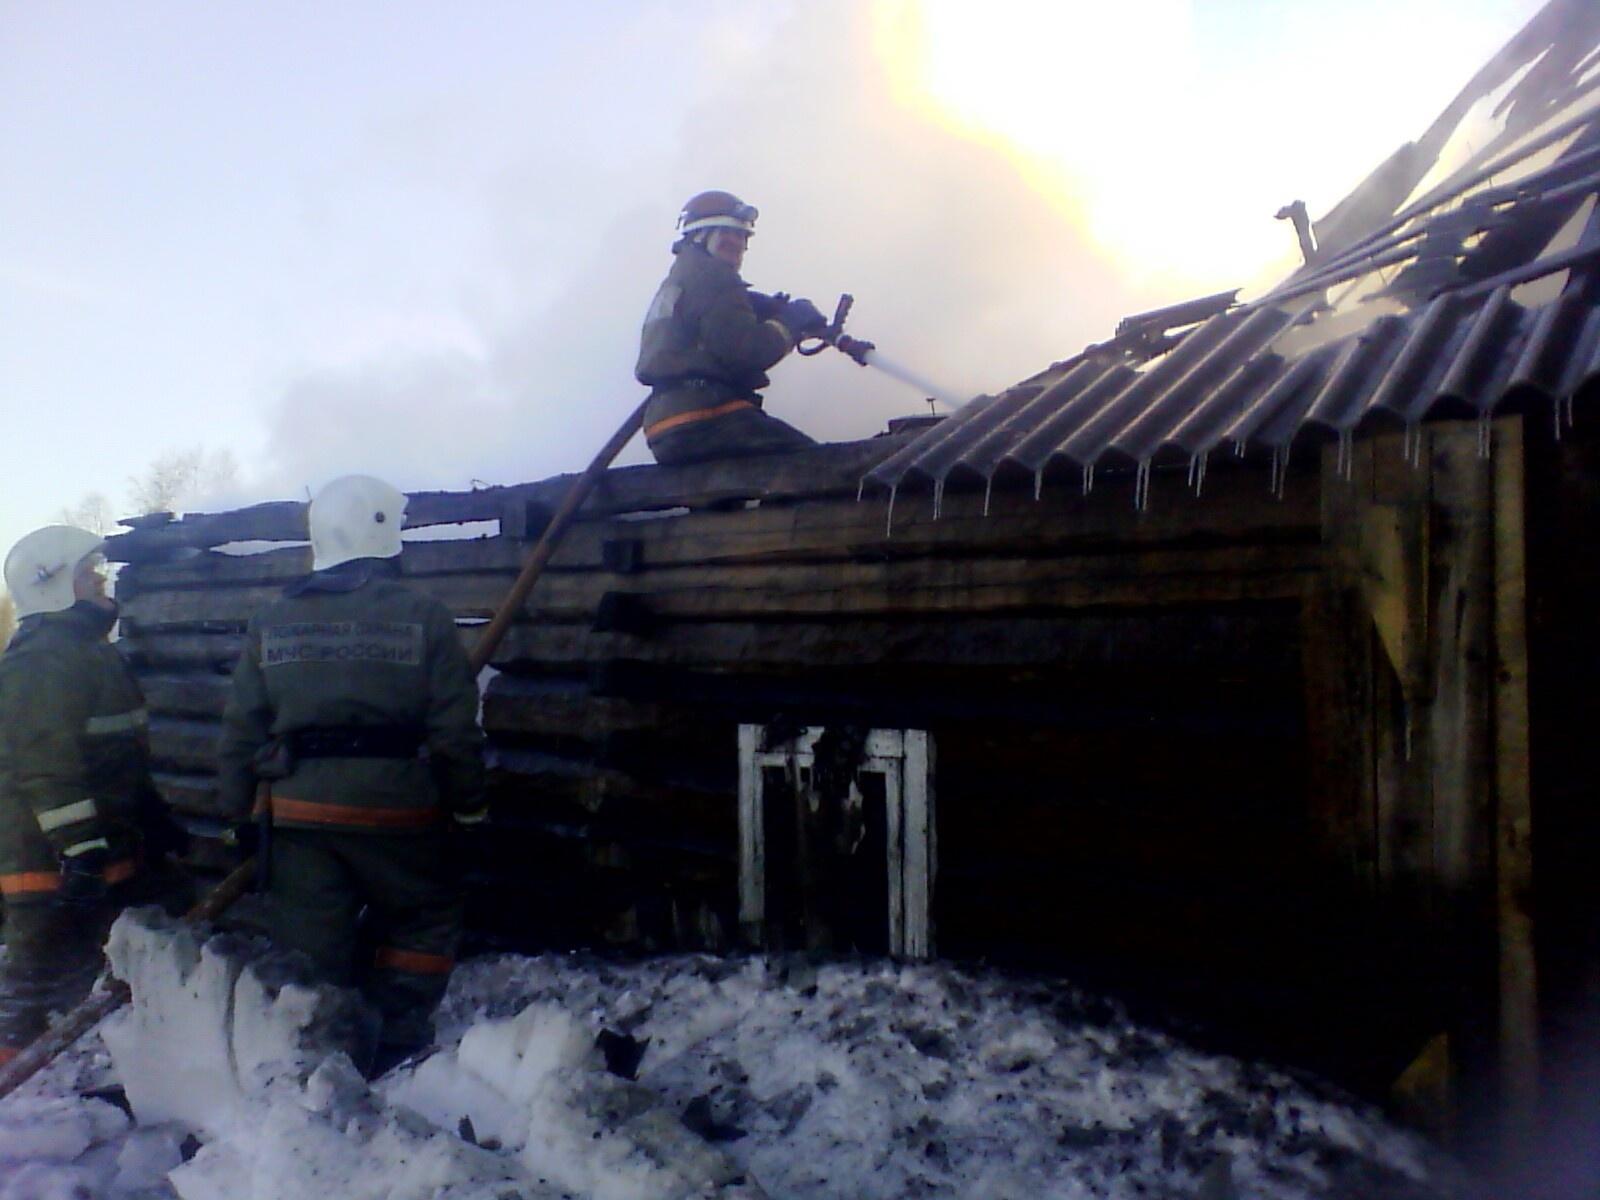 Пожарно-спасательные подразделения ликвидировали пожар в г. Онеге Архангельской области.